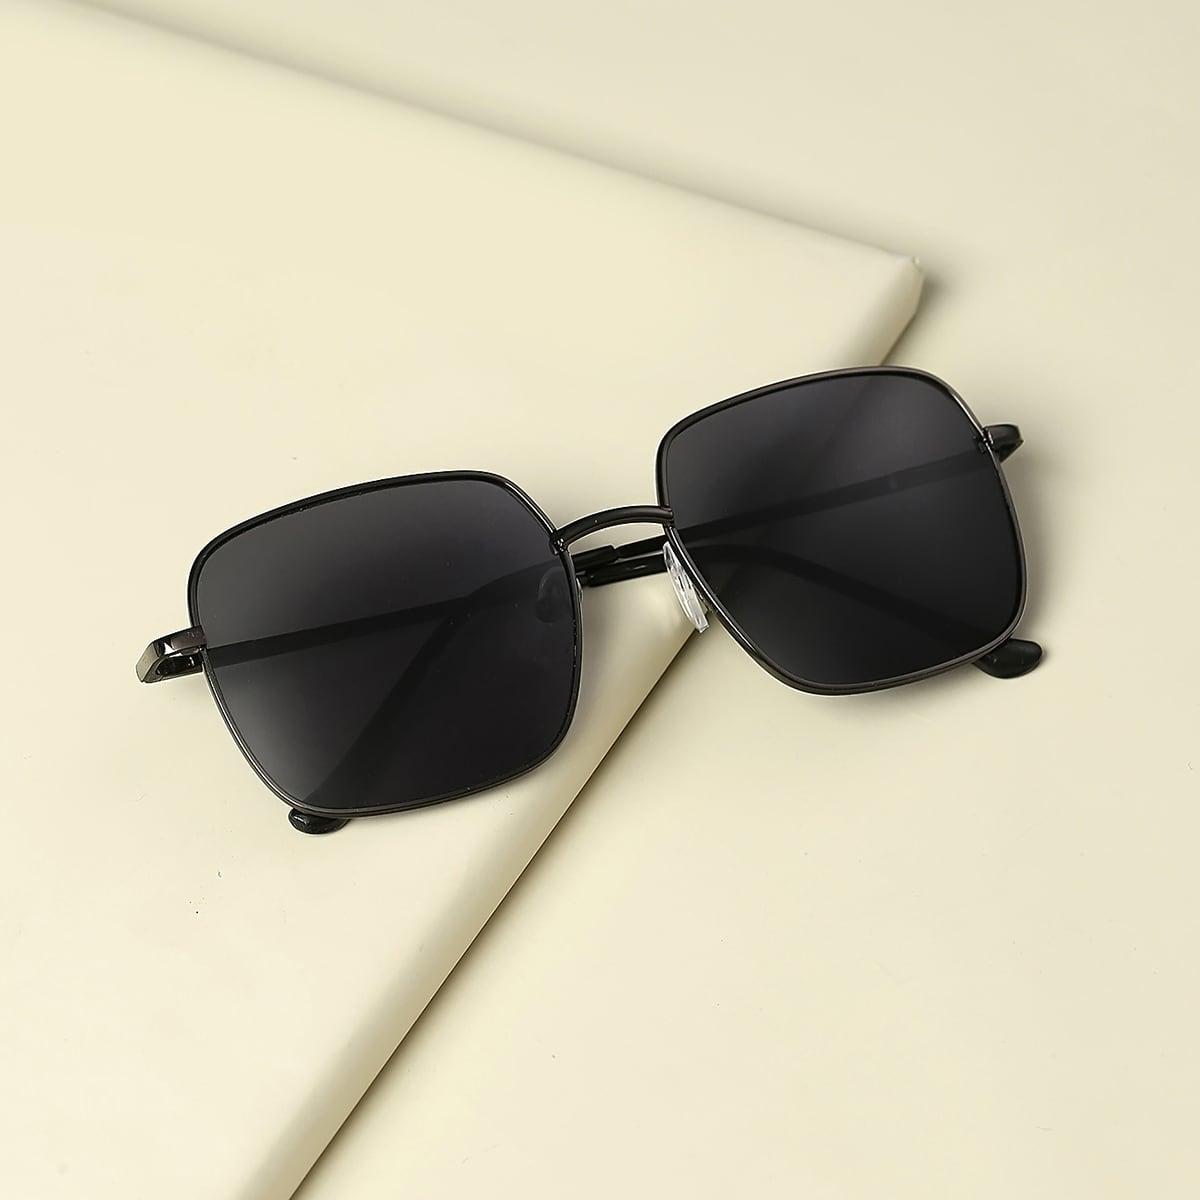 Детские квадратные солнечные очки в металлической оправе фото